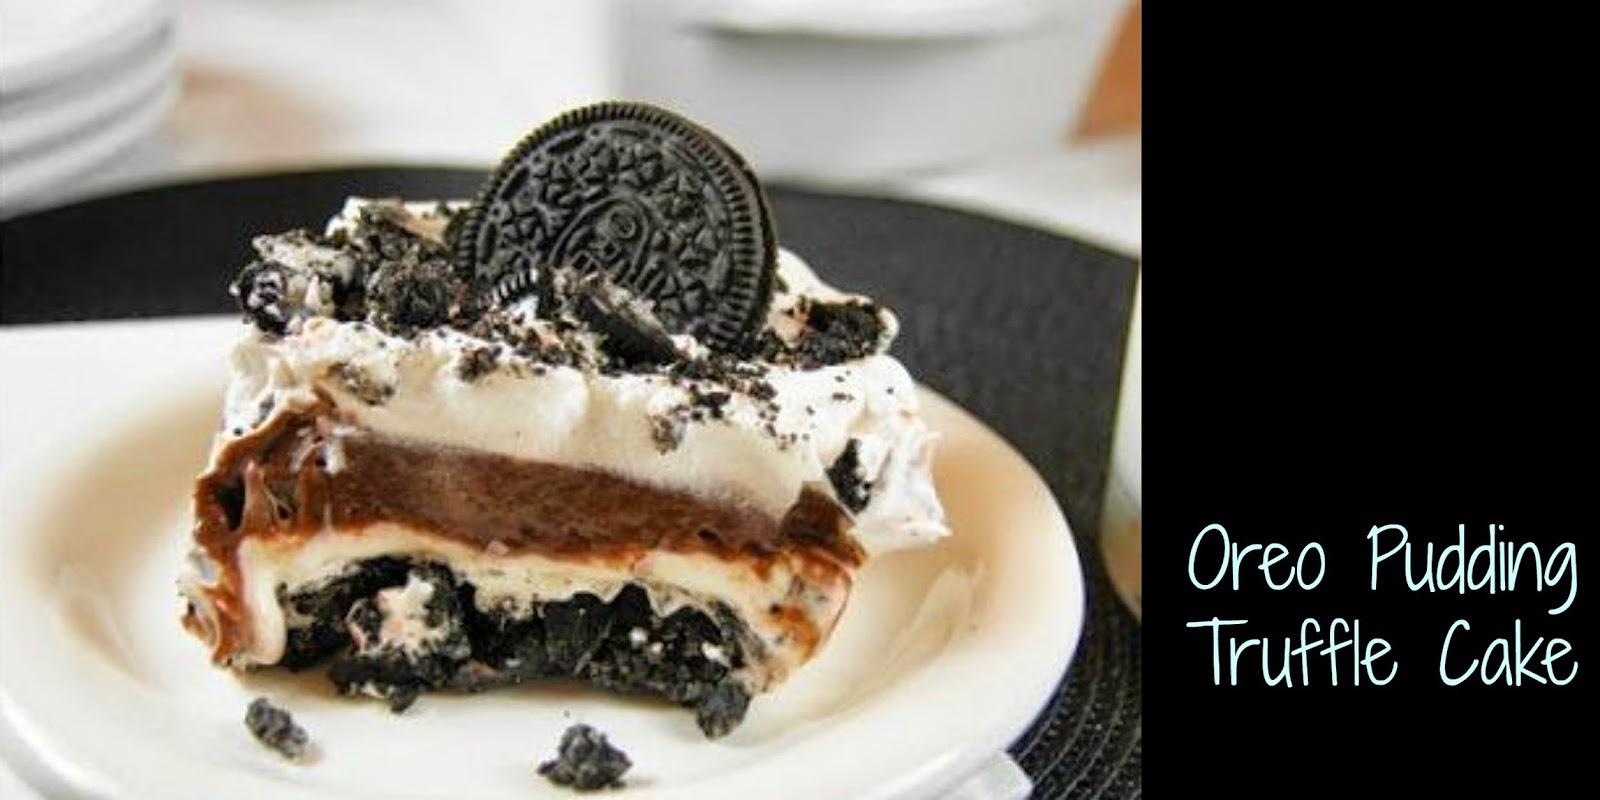 Oreo Pudding Truffle Cake